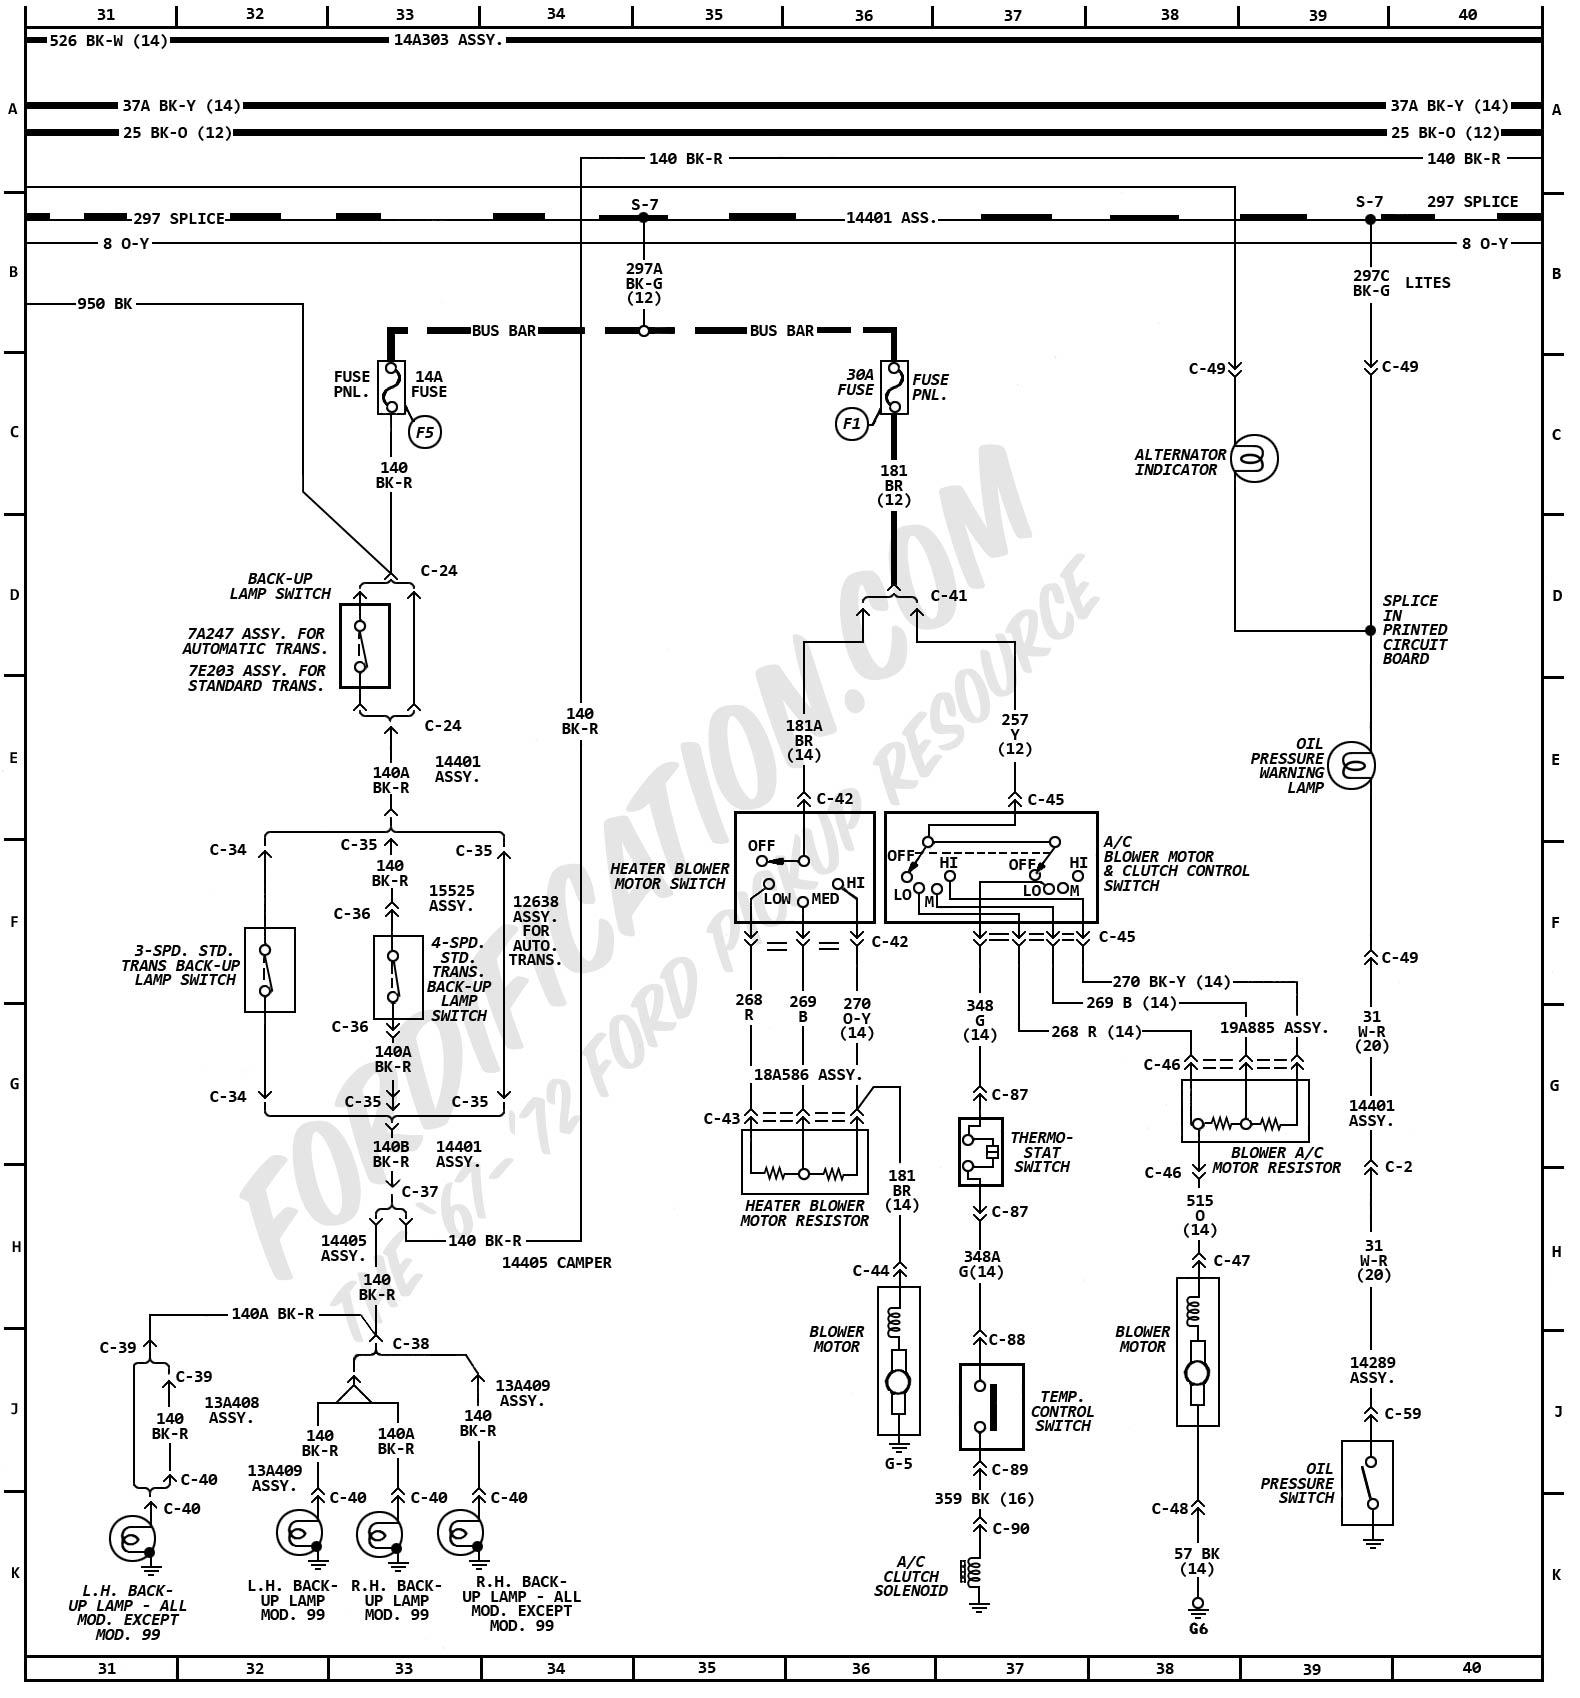 Bt 0614 04 F250 Ficm Wiring Diagram Wiring Diagram